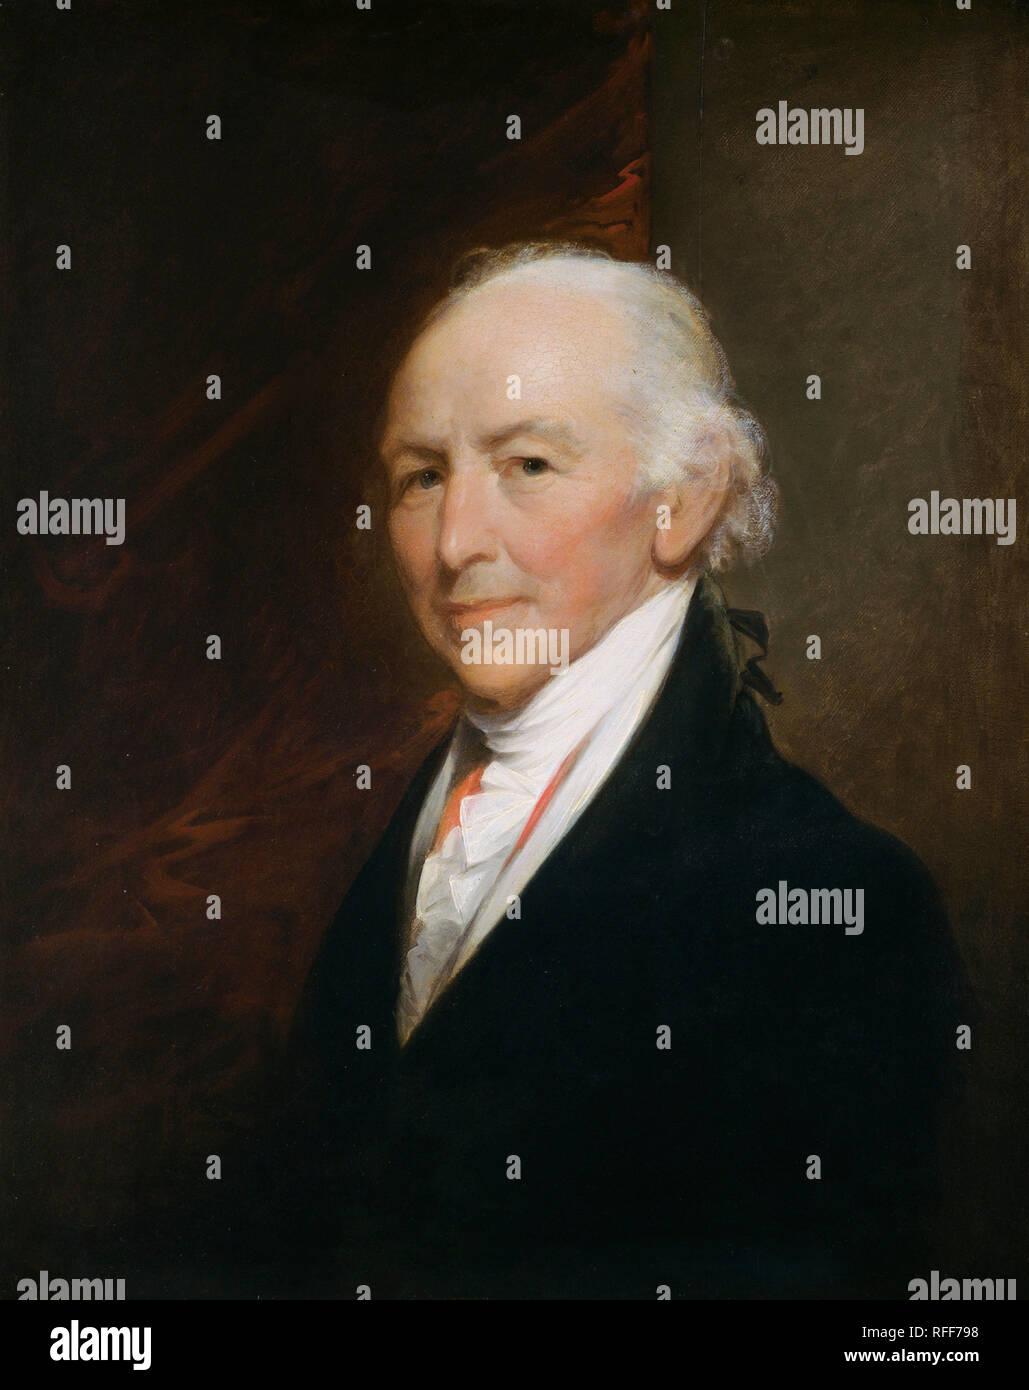 Samuel Alleyne Otis. Data: 1811/1813. Dimensioni: complessivo: 71,6 x 57,8 cm (28 3/16 x 22 3/4 in.) incorniciato: 91,4 x 77,5 x 10,2 cm (36 x 30 1/2 x 4 in.). Medium: Olio su legno. Museo: National Gallery of Art di Washington DC. Autore: Gilbert Stuart. Immagini Stock